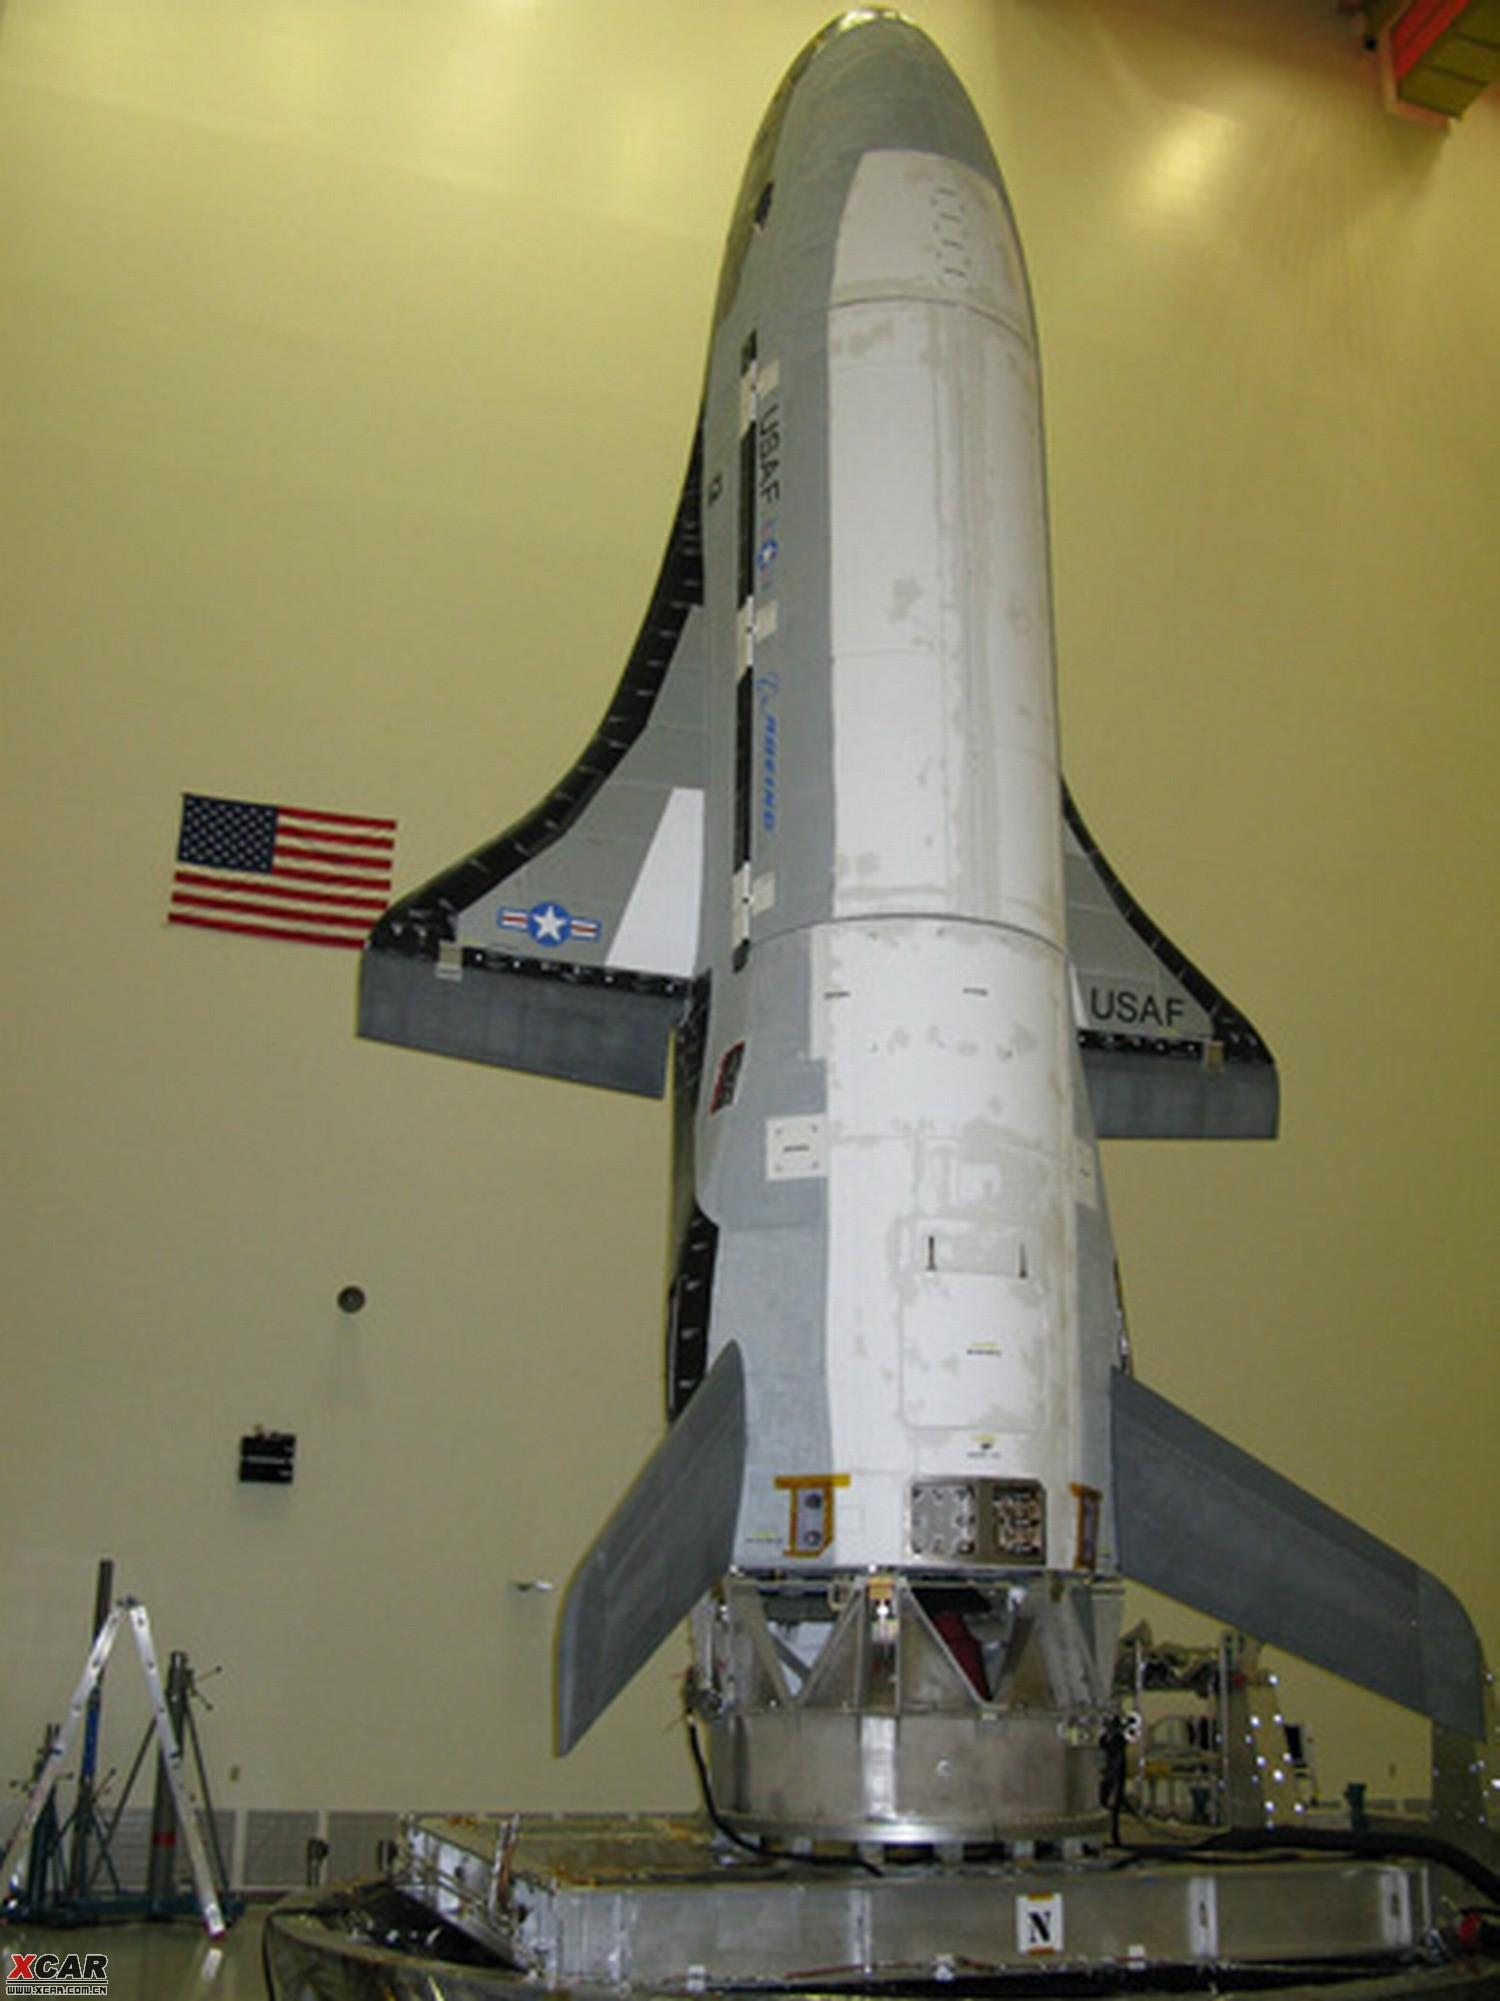 美国空军花费10年研制的全新太空战机----X-37B即将于本月19日首次试飞。这种外形和功能都酷似小型航天飞机的战机将通过火箭送入轨道环绕地球飞行,然后在以滑翔方式返回地面。据悉,该机将从佛罗里达卡纳维拉尔角升空,并且在加利福尼亚州着陆。   美联社报道,配有两个垂直尾翼的X-37B由美国波音公司负责生产,其总重只有5吨多,长度不到10米,高3米,翼展5米左右。该机由阿特拉斯火箭送入轨道,并通过自身携带的太阳能电池板制造需要的电能。X-37B可承担侦察、导航、控制、红外探测,并且在完成任务后自动返